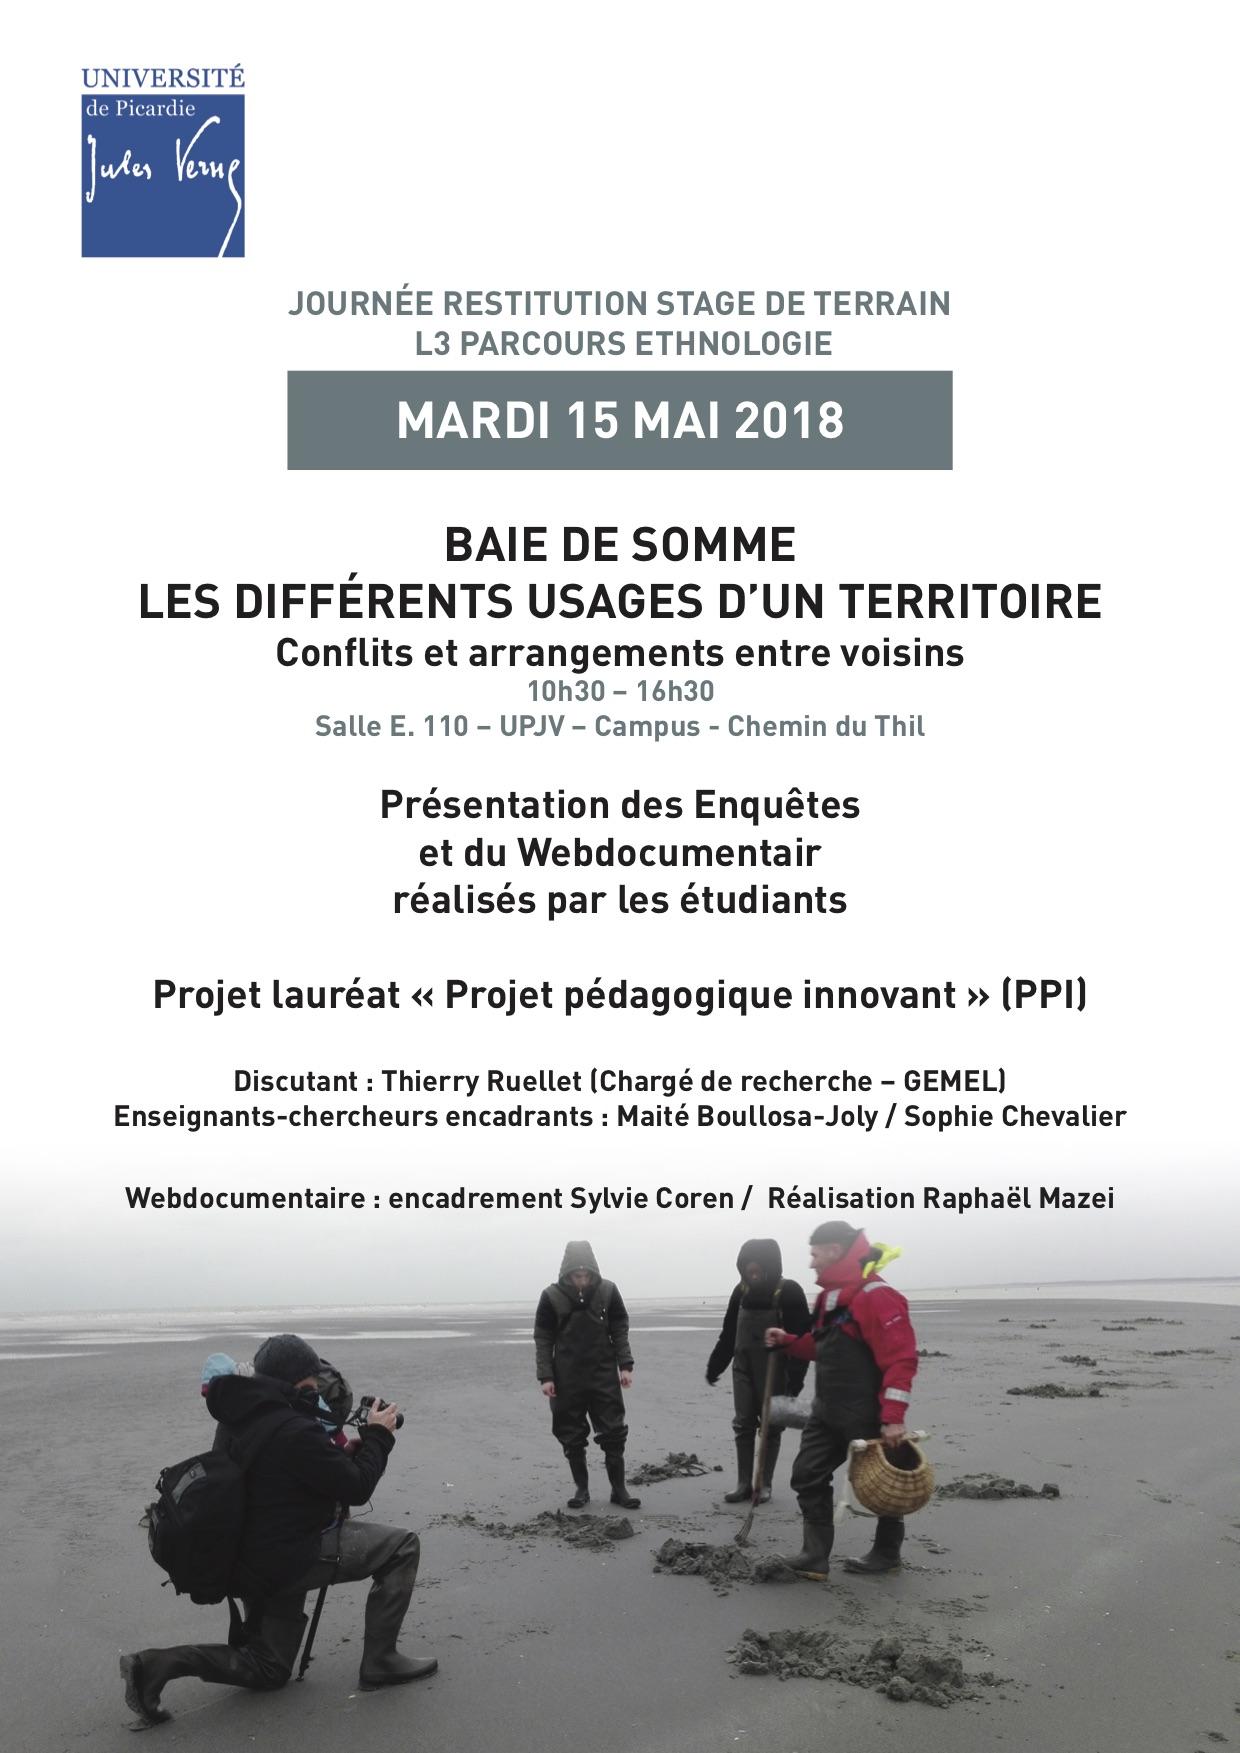 Journée de restitution enquête L3 ethno le mardi 15 mai 2018 : «Les différents usages d'un territoire – Conflits et arrangements entre voisins »